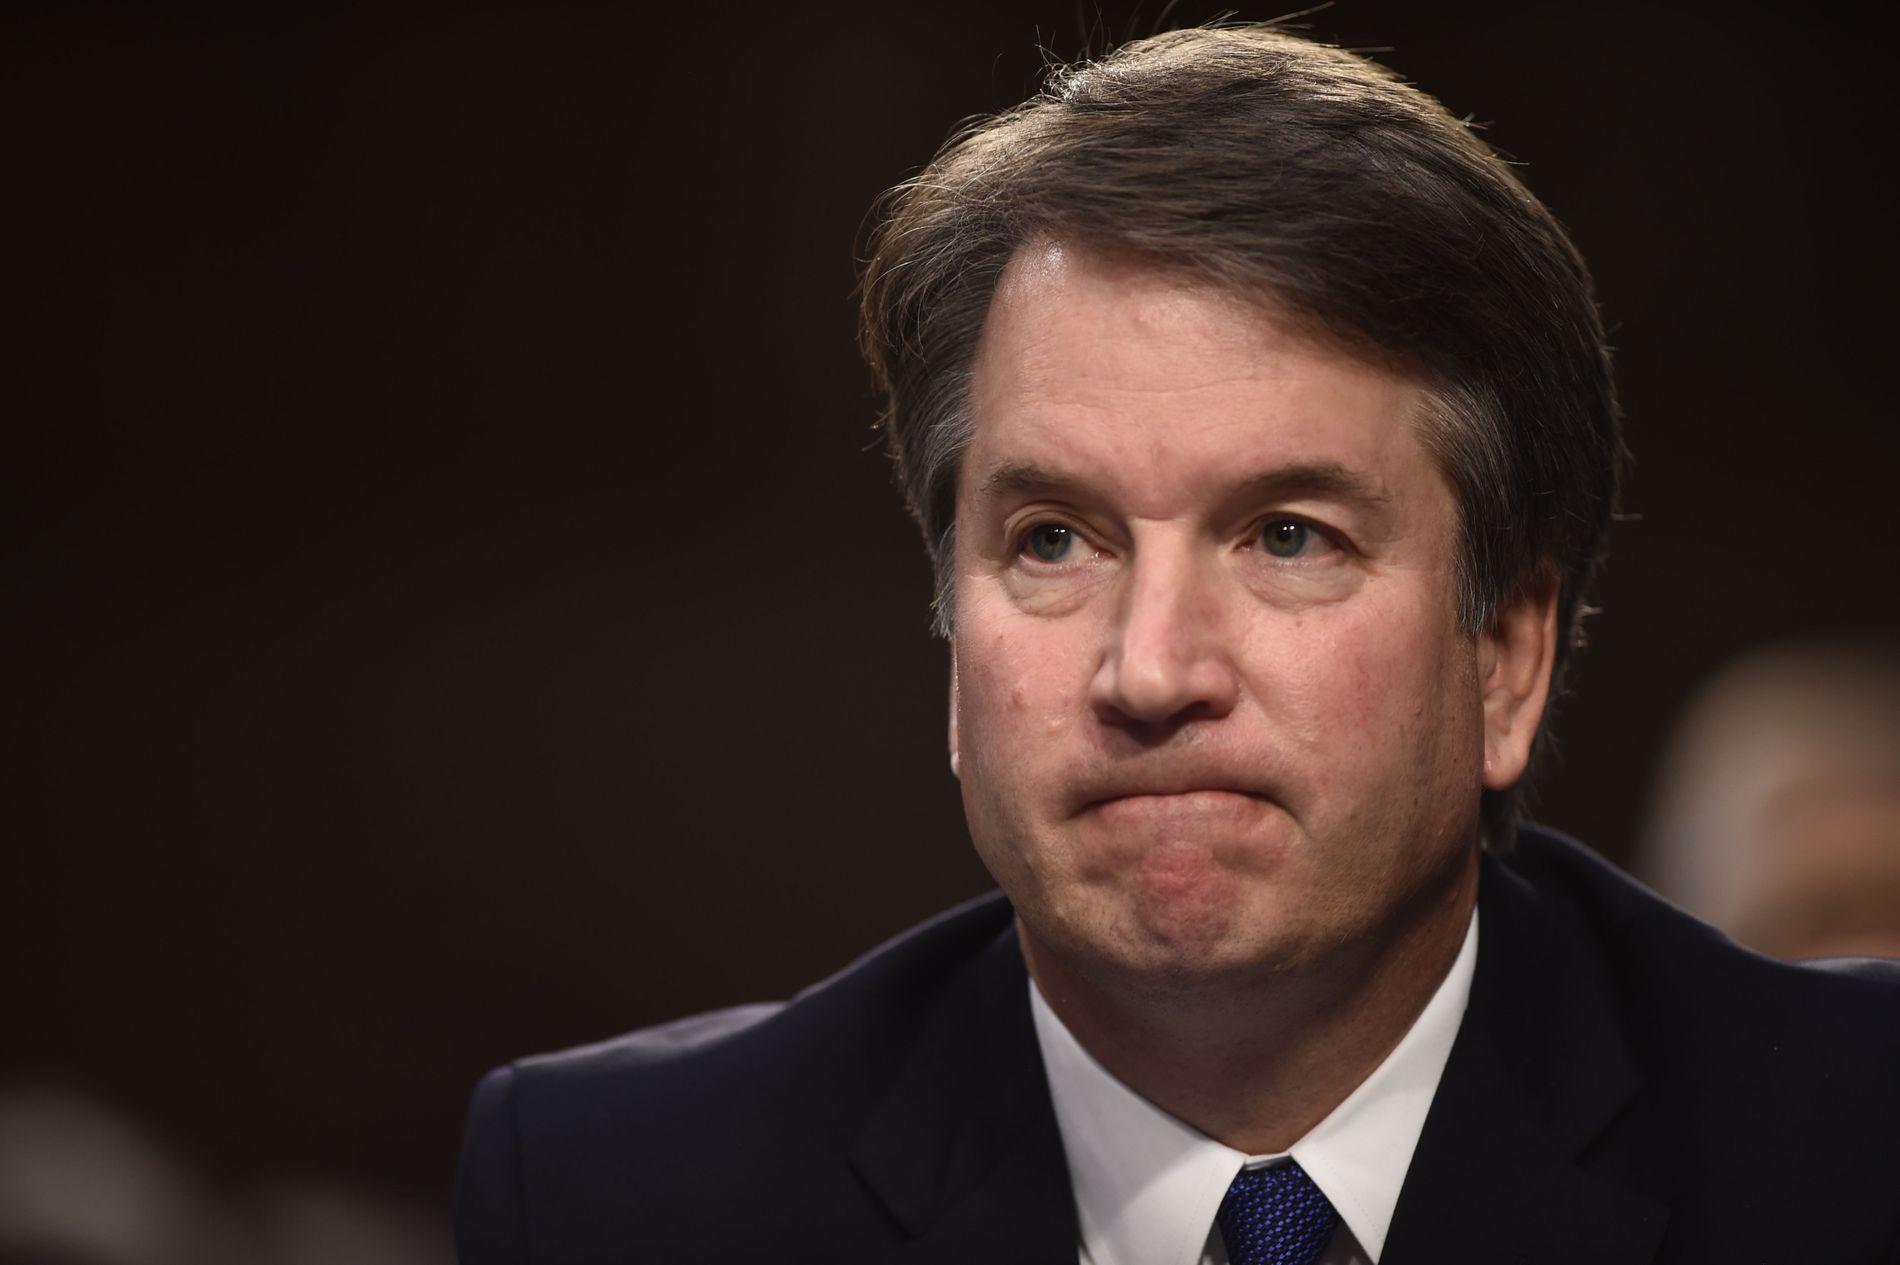 OMSTRIDT: Brett Kavanugh under den første høringen i forbindelse med at Donald Trump vil ha ham som høyesterettsdommer.